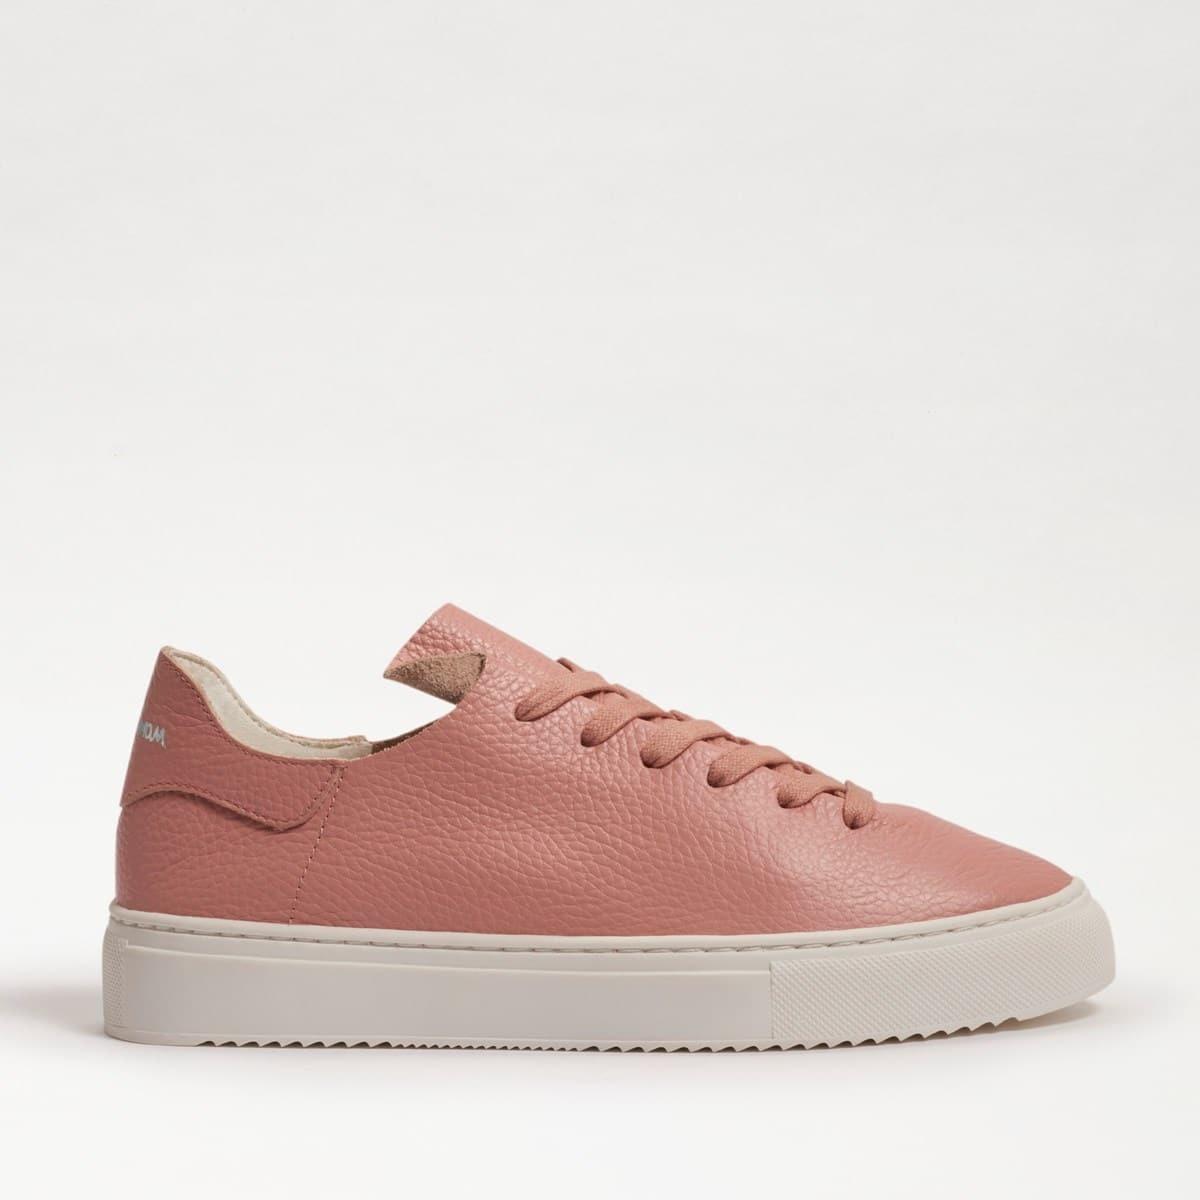 Sam Edelman Poppy Rose Sneaker